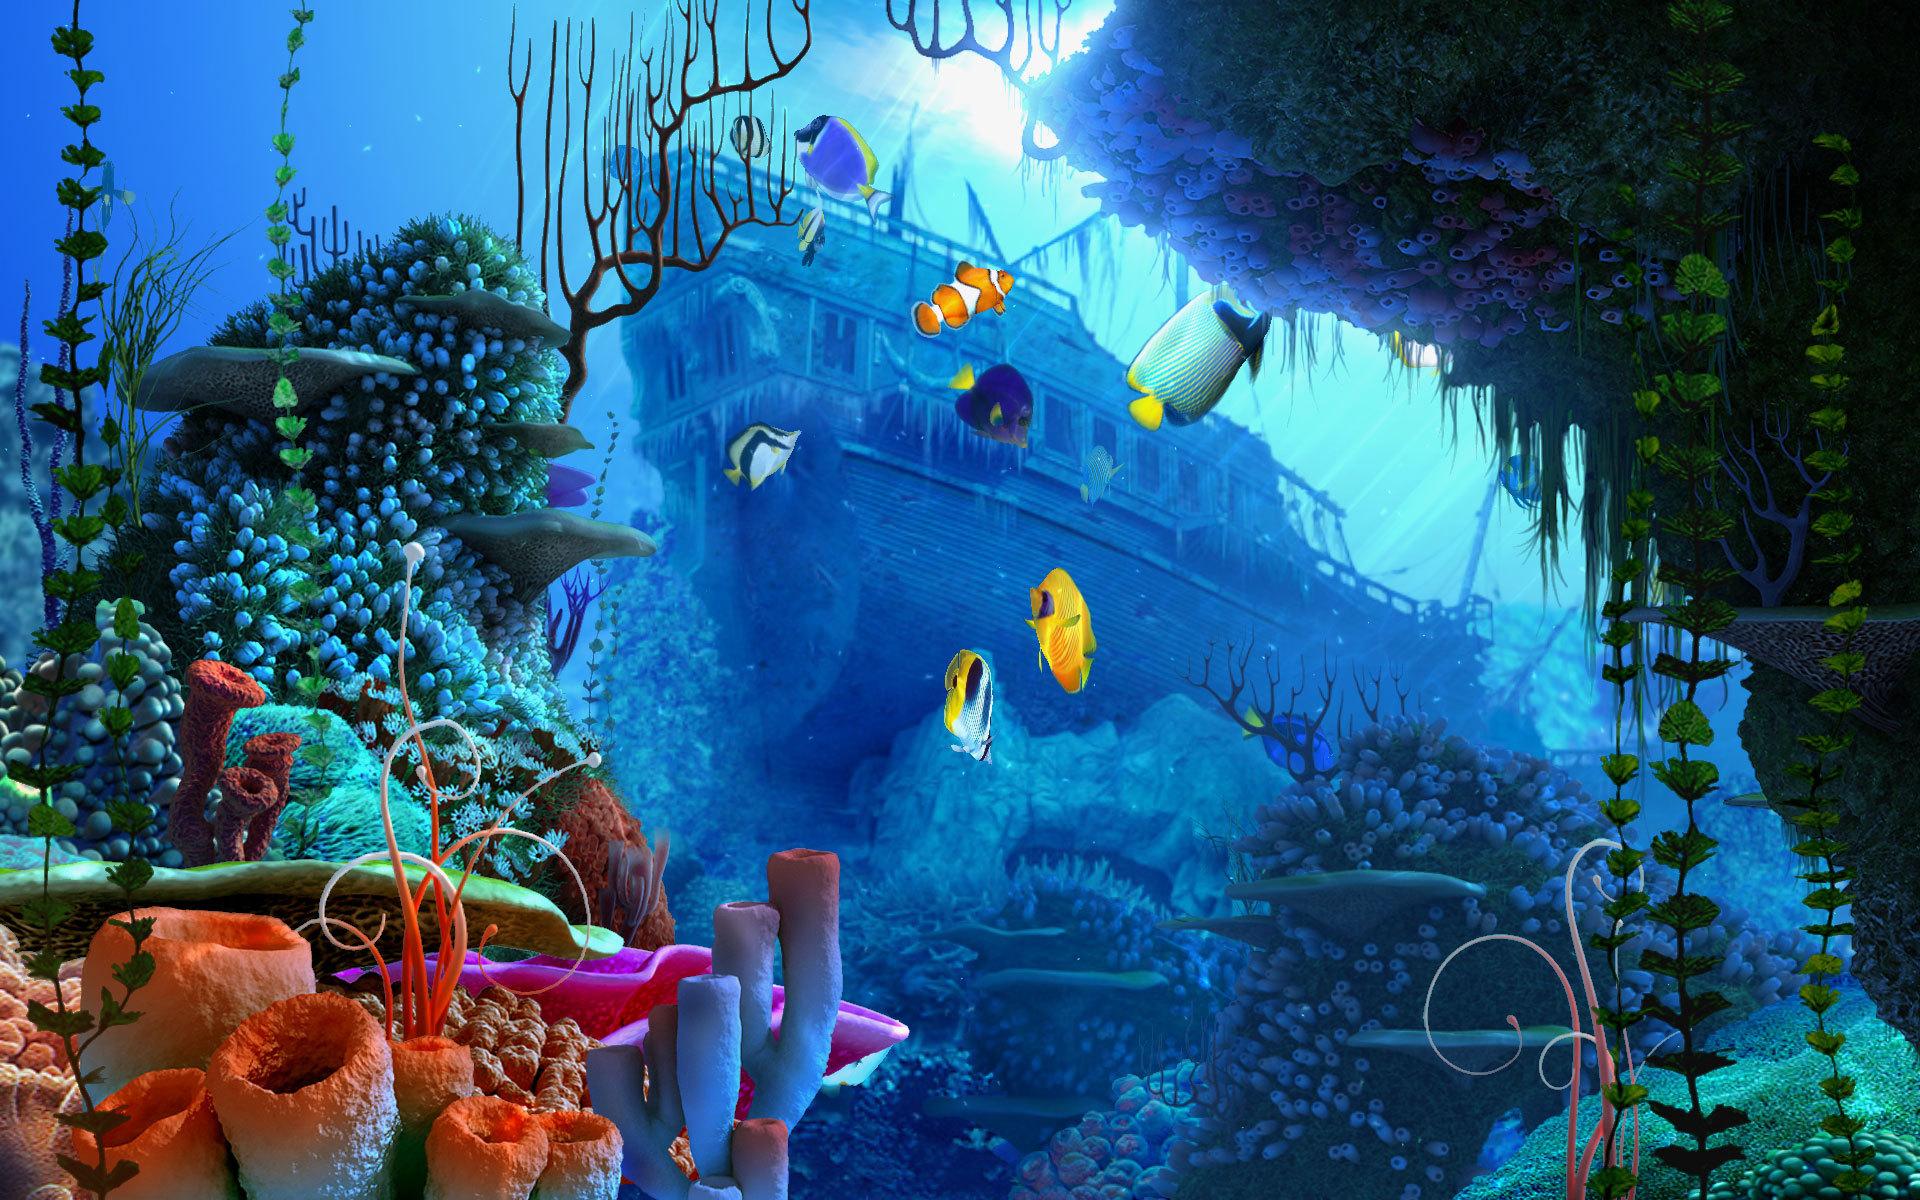 aquarium 3d screensaver vollversion coral reef aquarium 3d screensaver 1920x1200